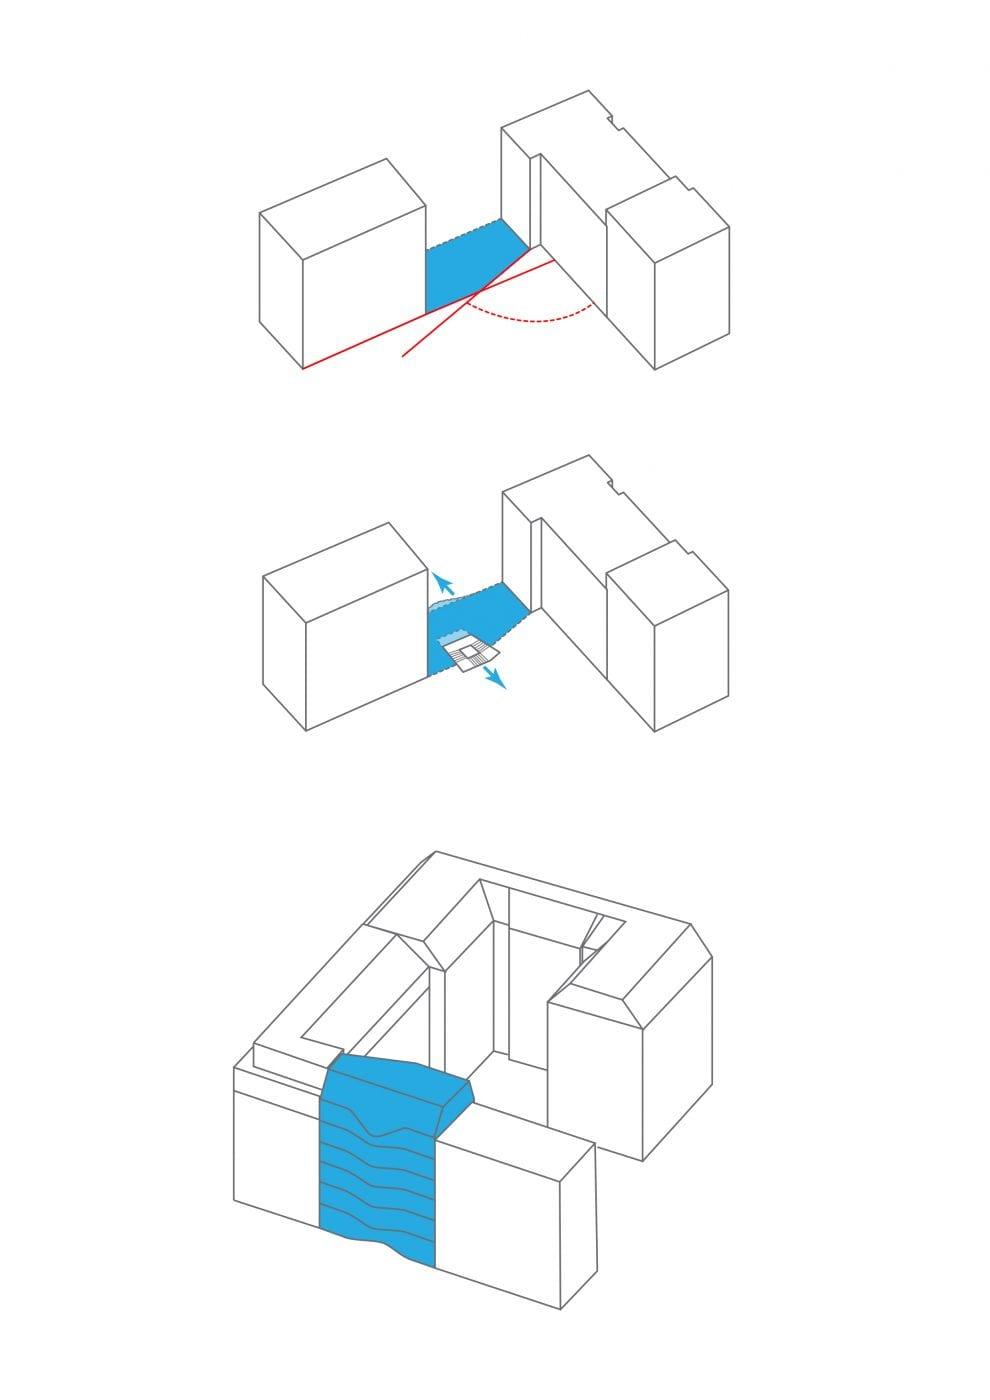 """""""Flächenmaximierung durch Kreativität: 20 Mietwohnungen auf 100 m² Grundfläche"""": Treppenkern und Aufzug wurden in den Hof hinein verschoben (Grafik: rundzwei Architekten)"""